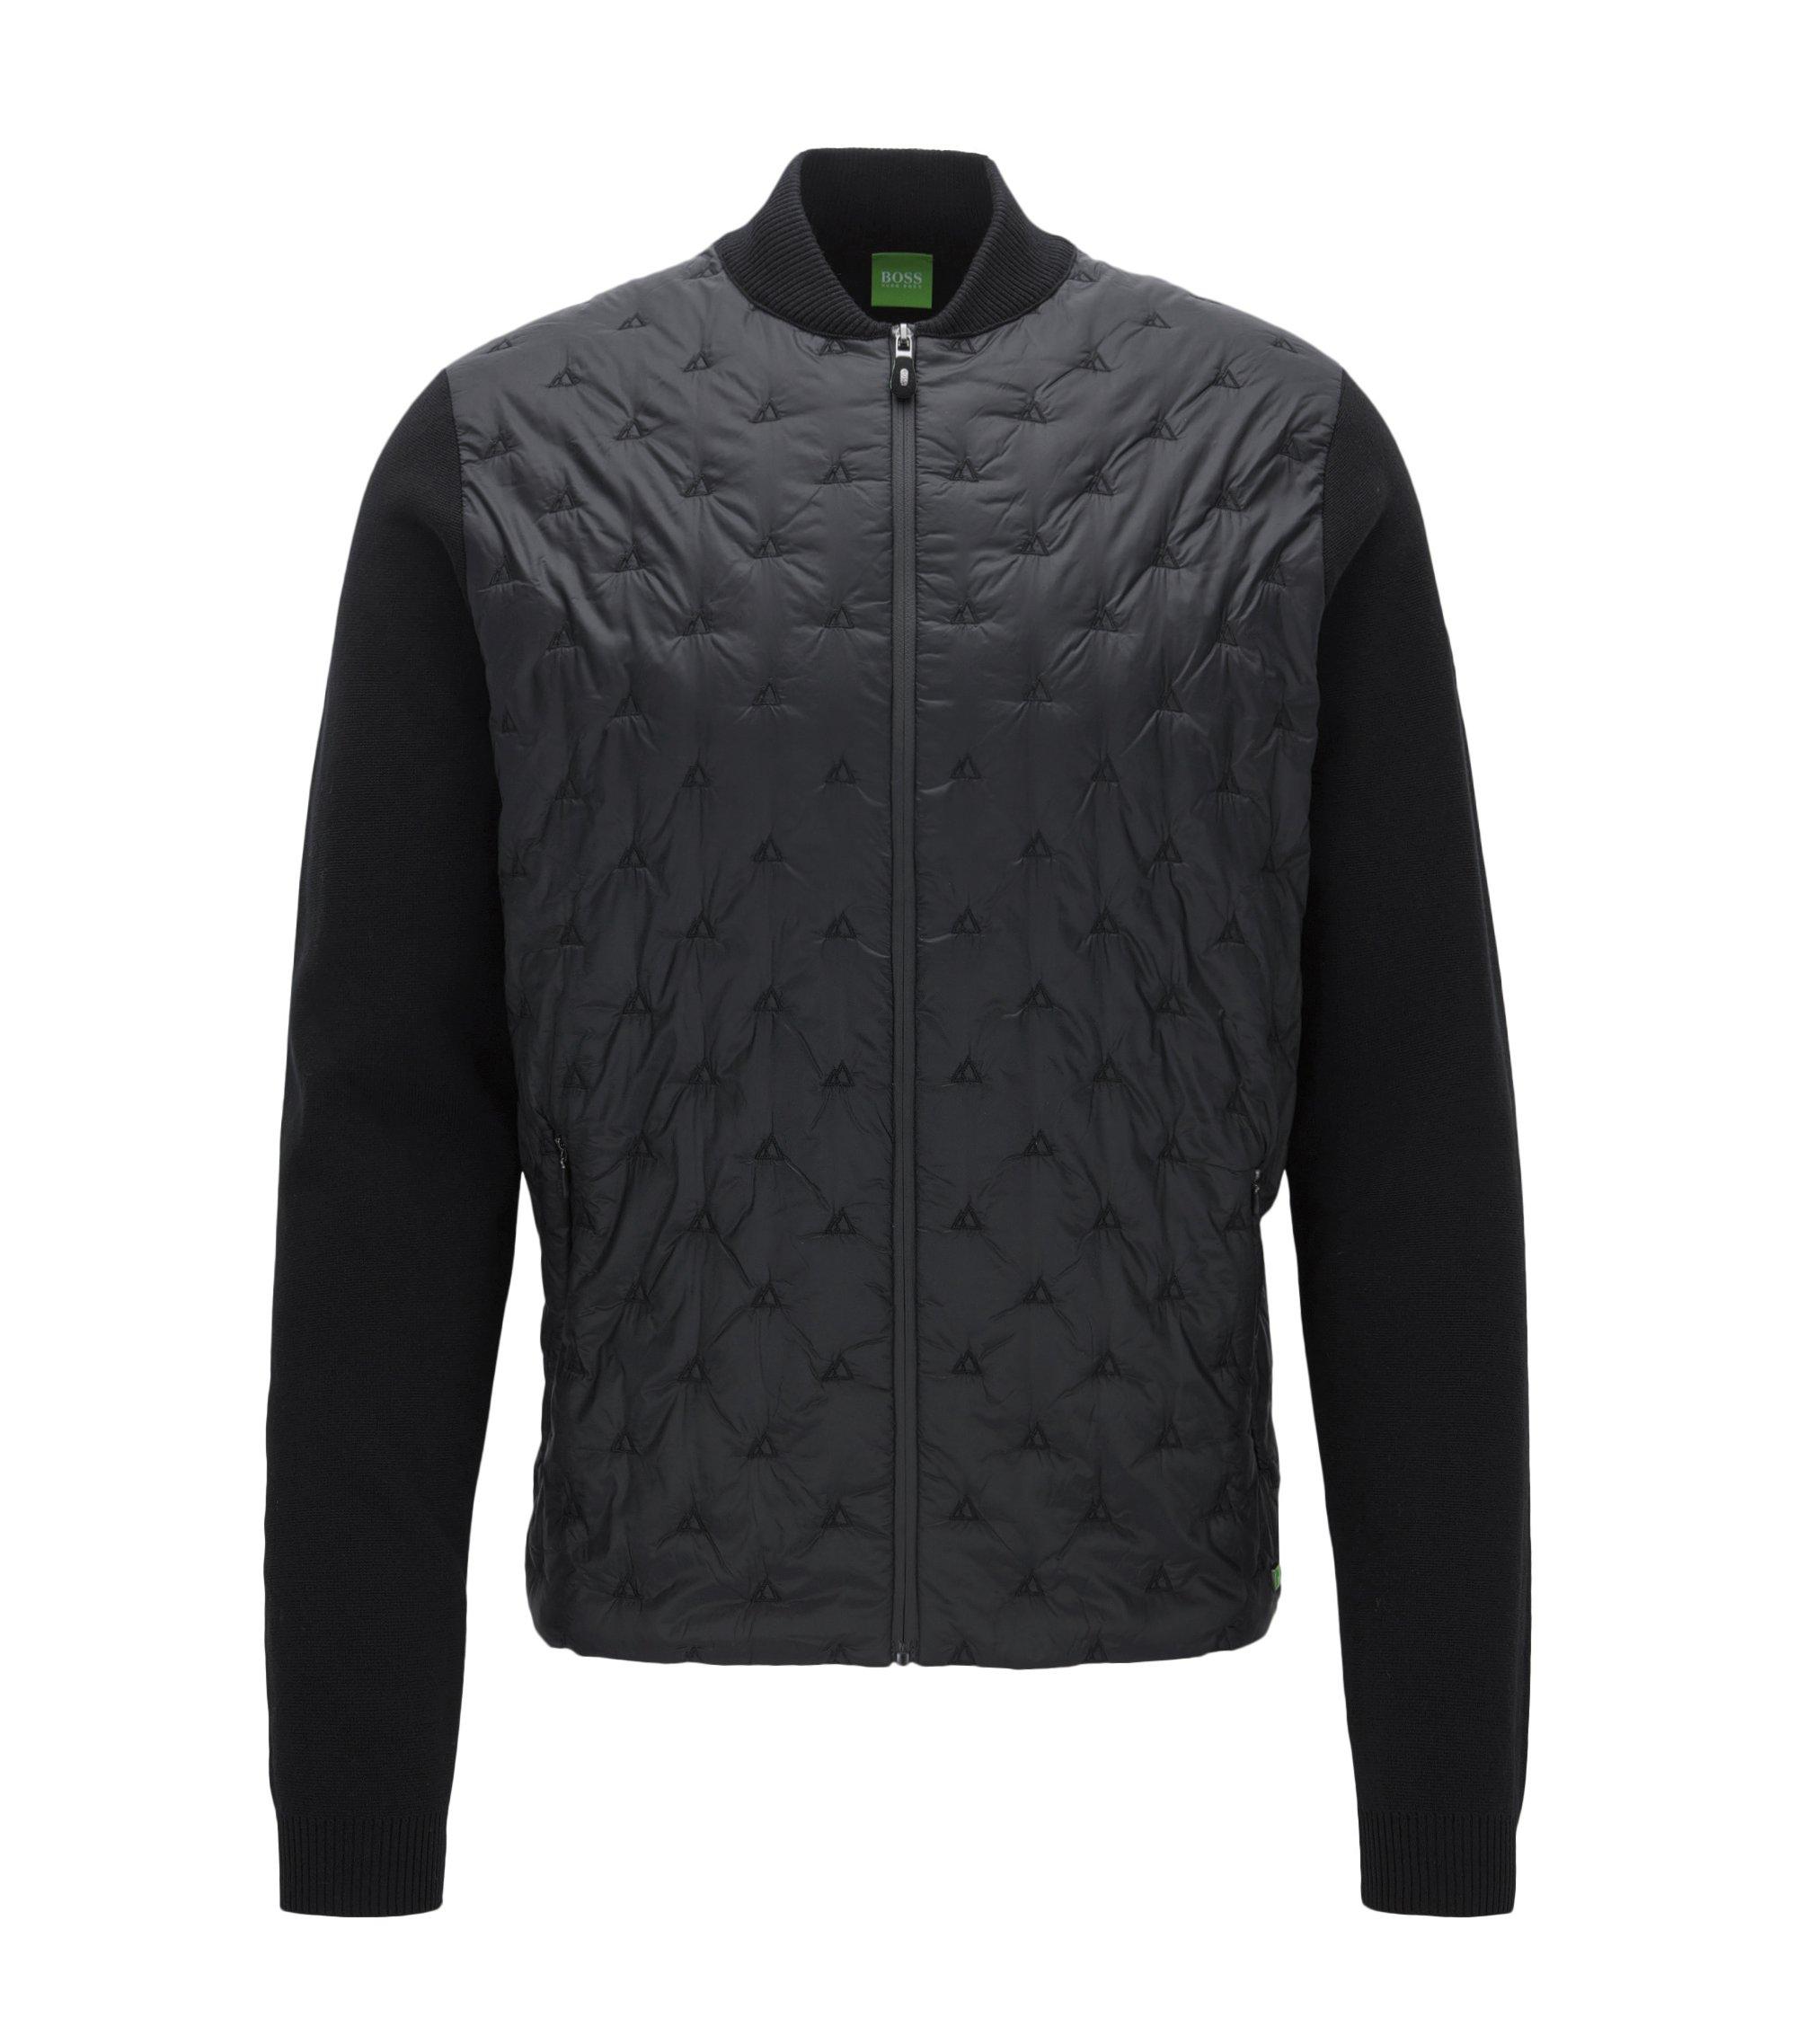 Regular-fit embroidered panelled cotton-blend jacket, Black